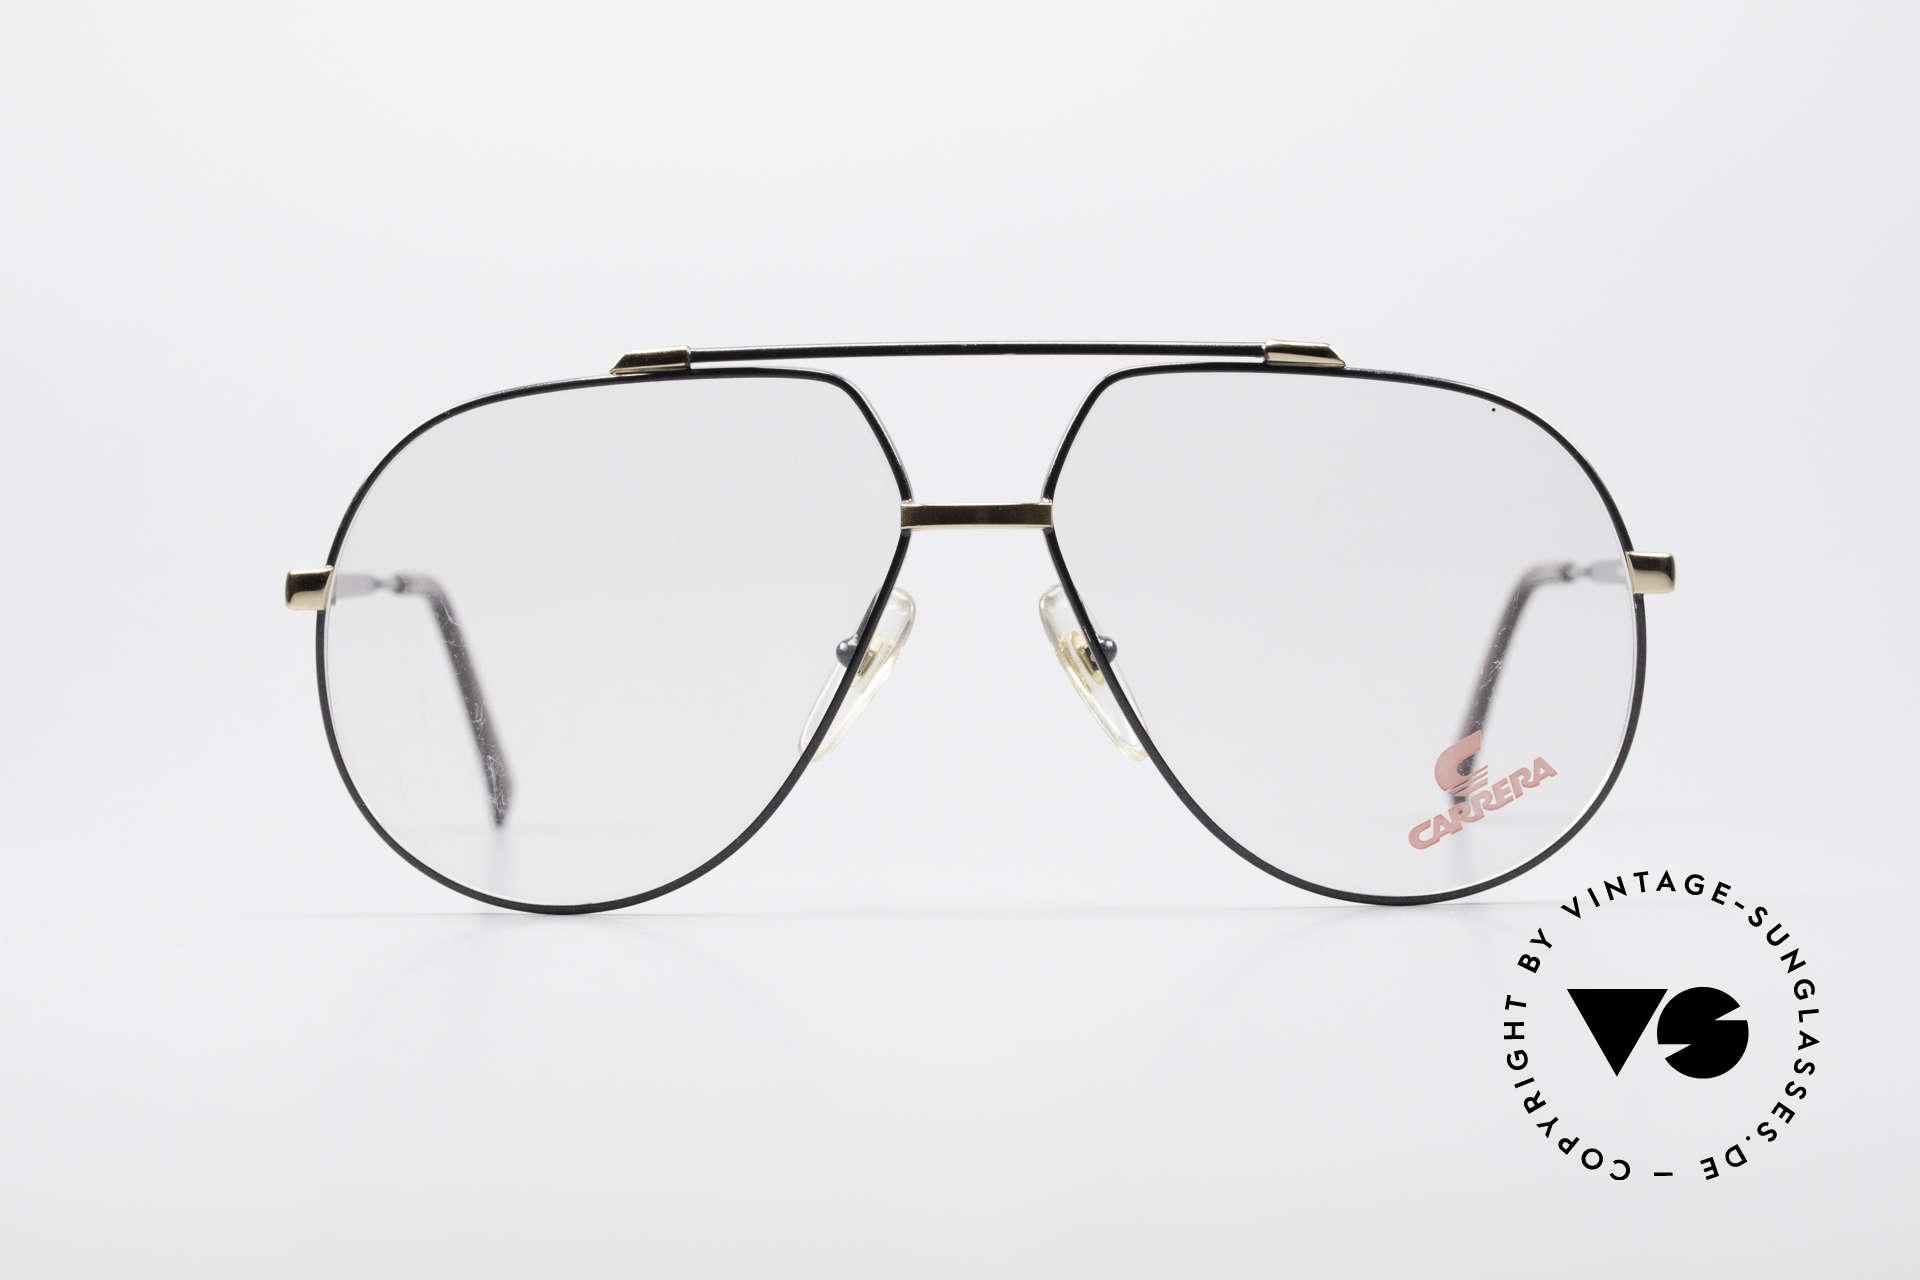 Carrera 5369 Herren Large Vintage Brille, klassisches Piloten-Brillendesign der 90er Jahre, Passend für Herren